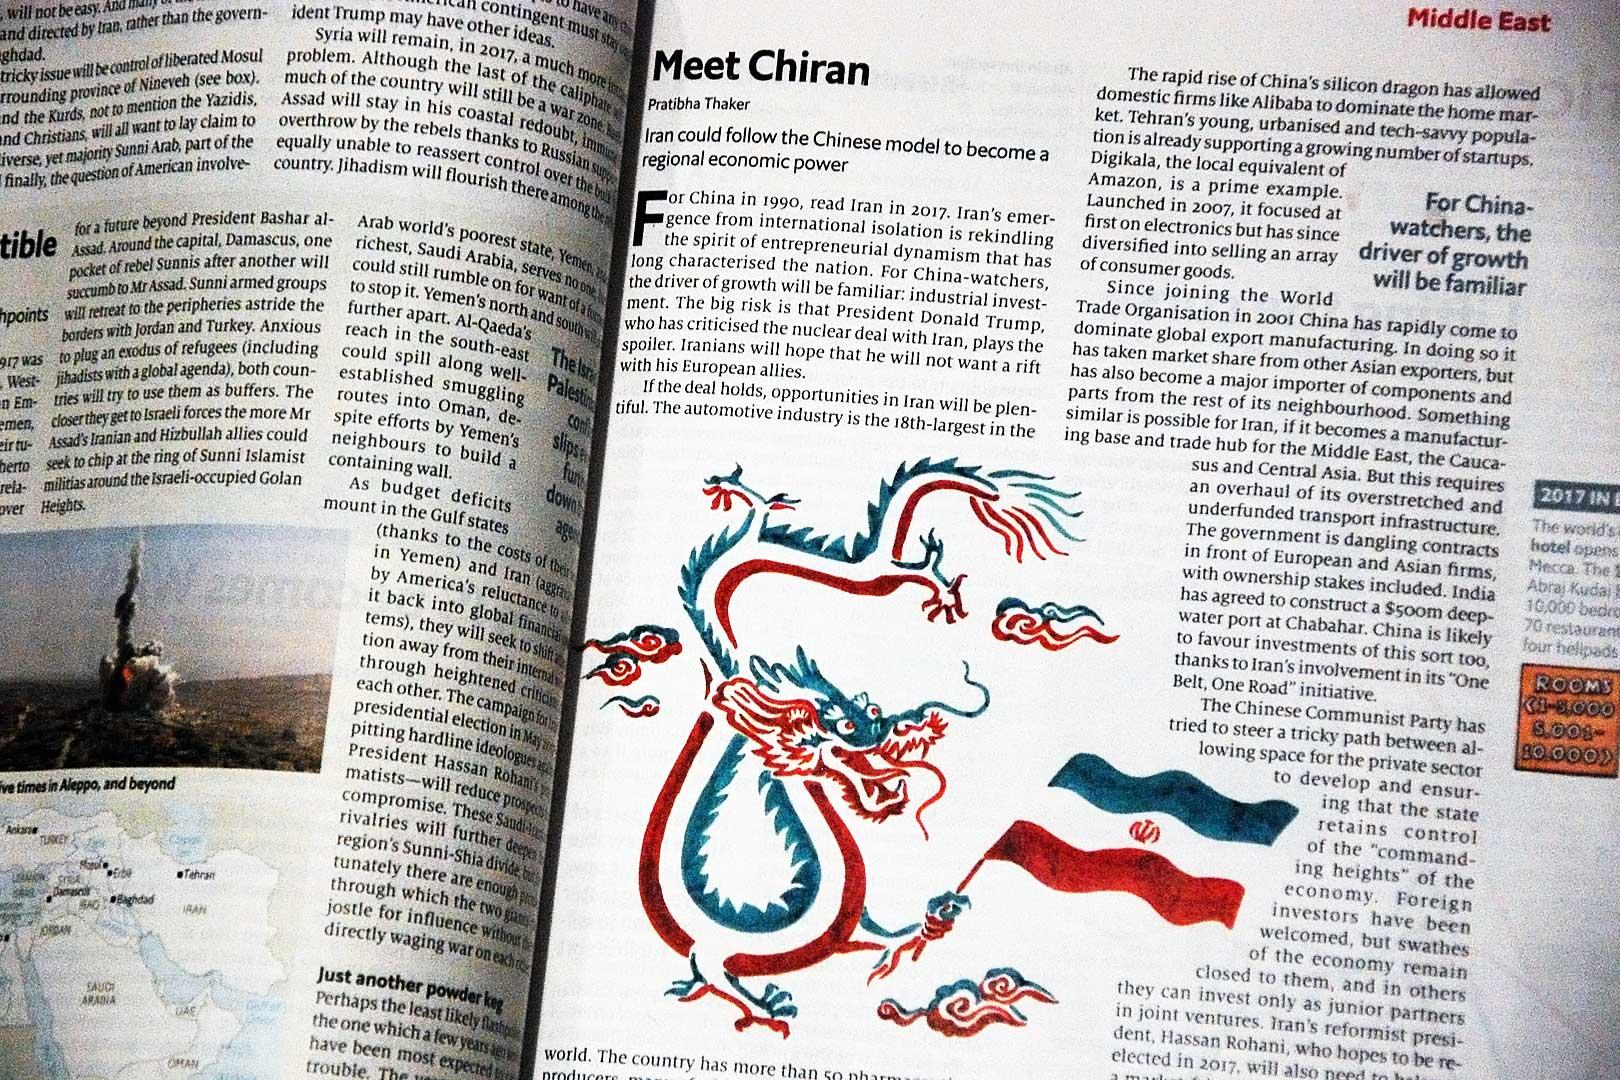 اقتصاد ایران در سال ۲۰۱۷ از نگاه اکونومیست ــ تصویر مقاله